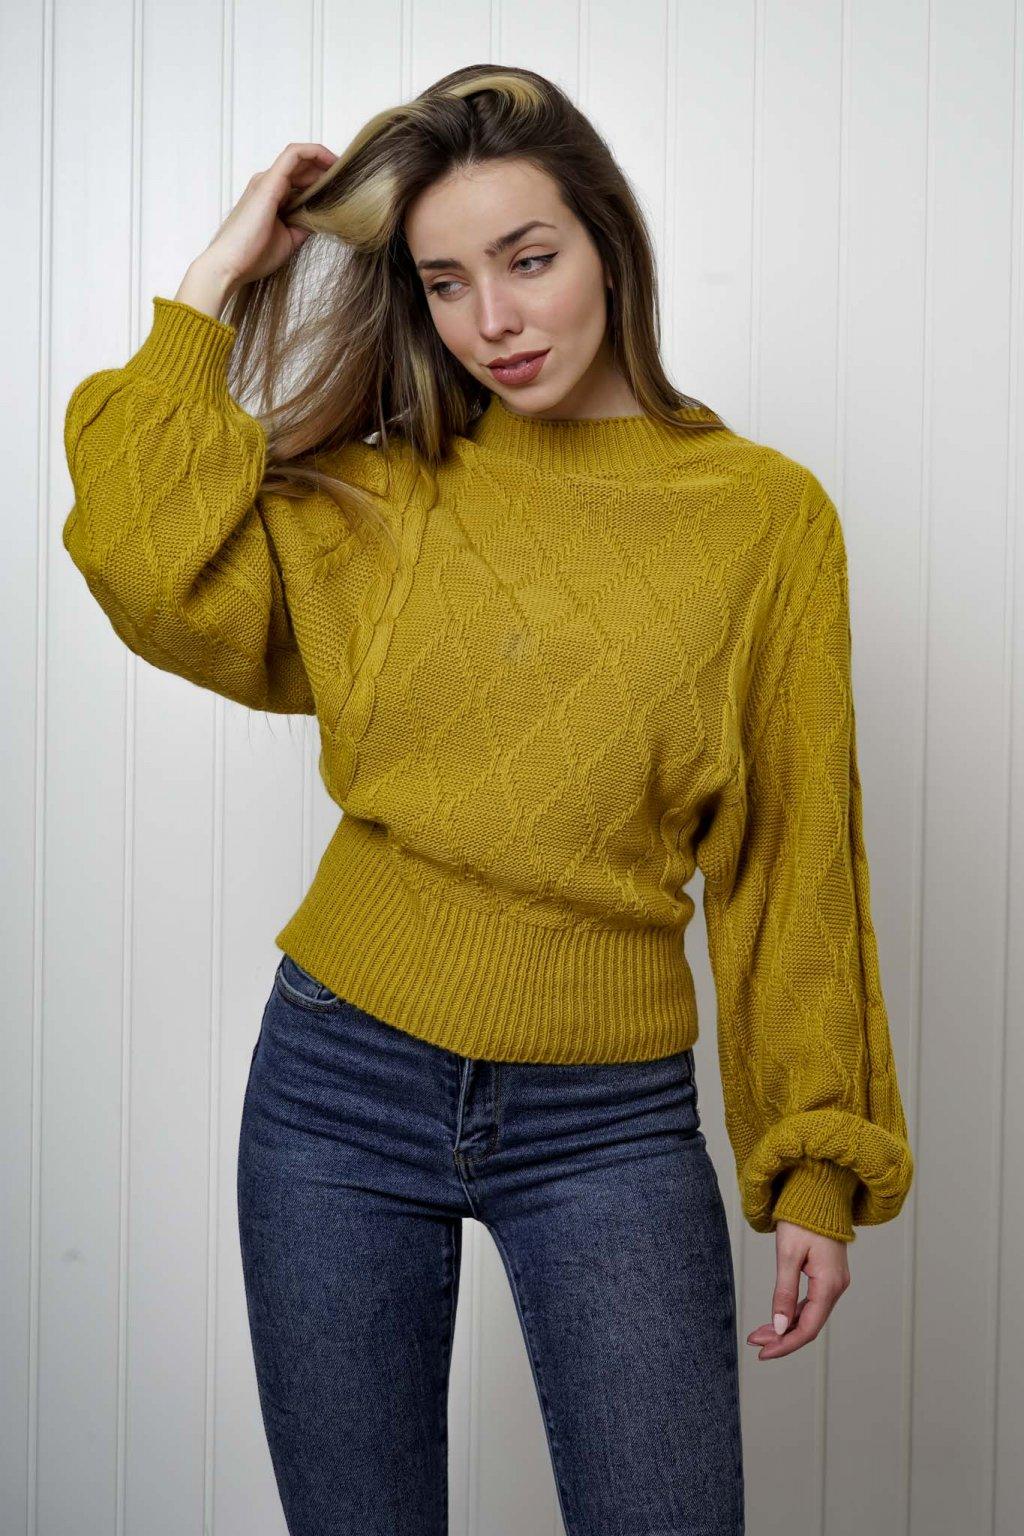 sveter, svetrík, sveter dámsky, úplet, úpletový sveter, jednoduchý sveter, v výstríh, štýlový, chlpatý,vzorovaný, srdiečkový, čierny, biely, farebný, 072